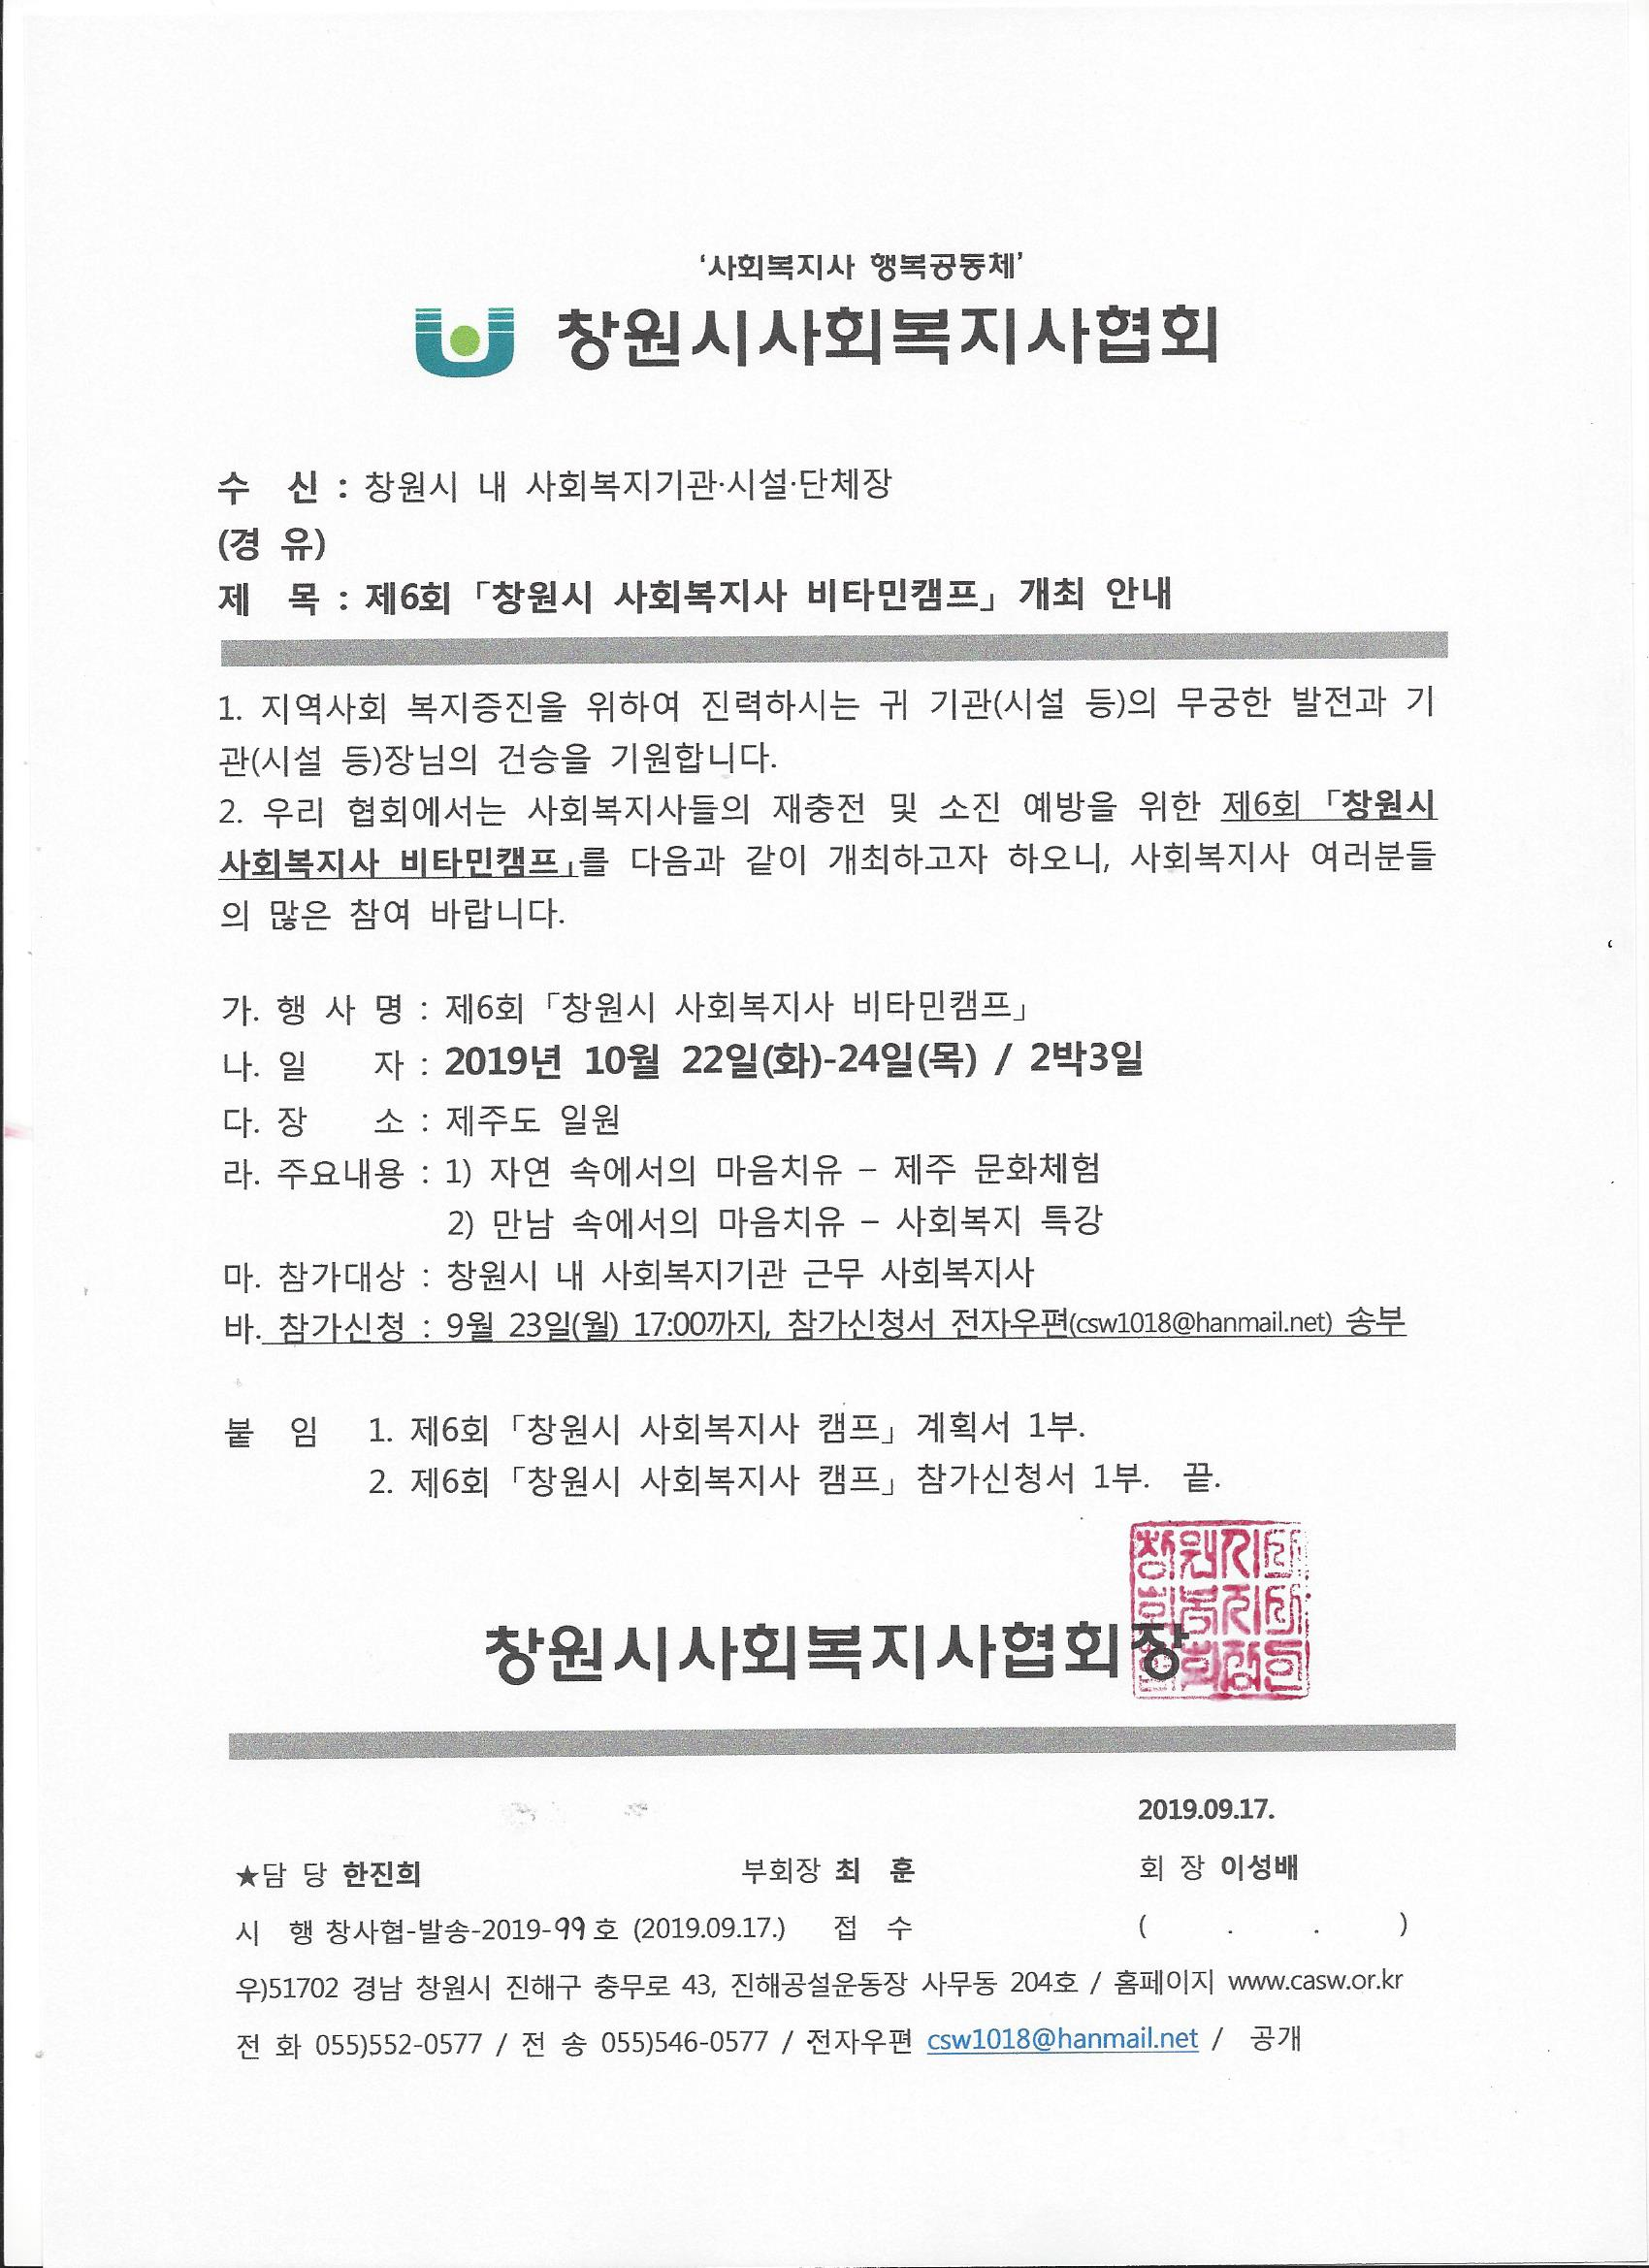 공문-제6회 비타민캠프 개최 안내.jpg